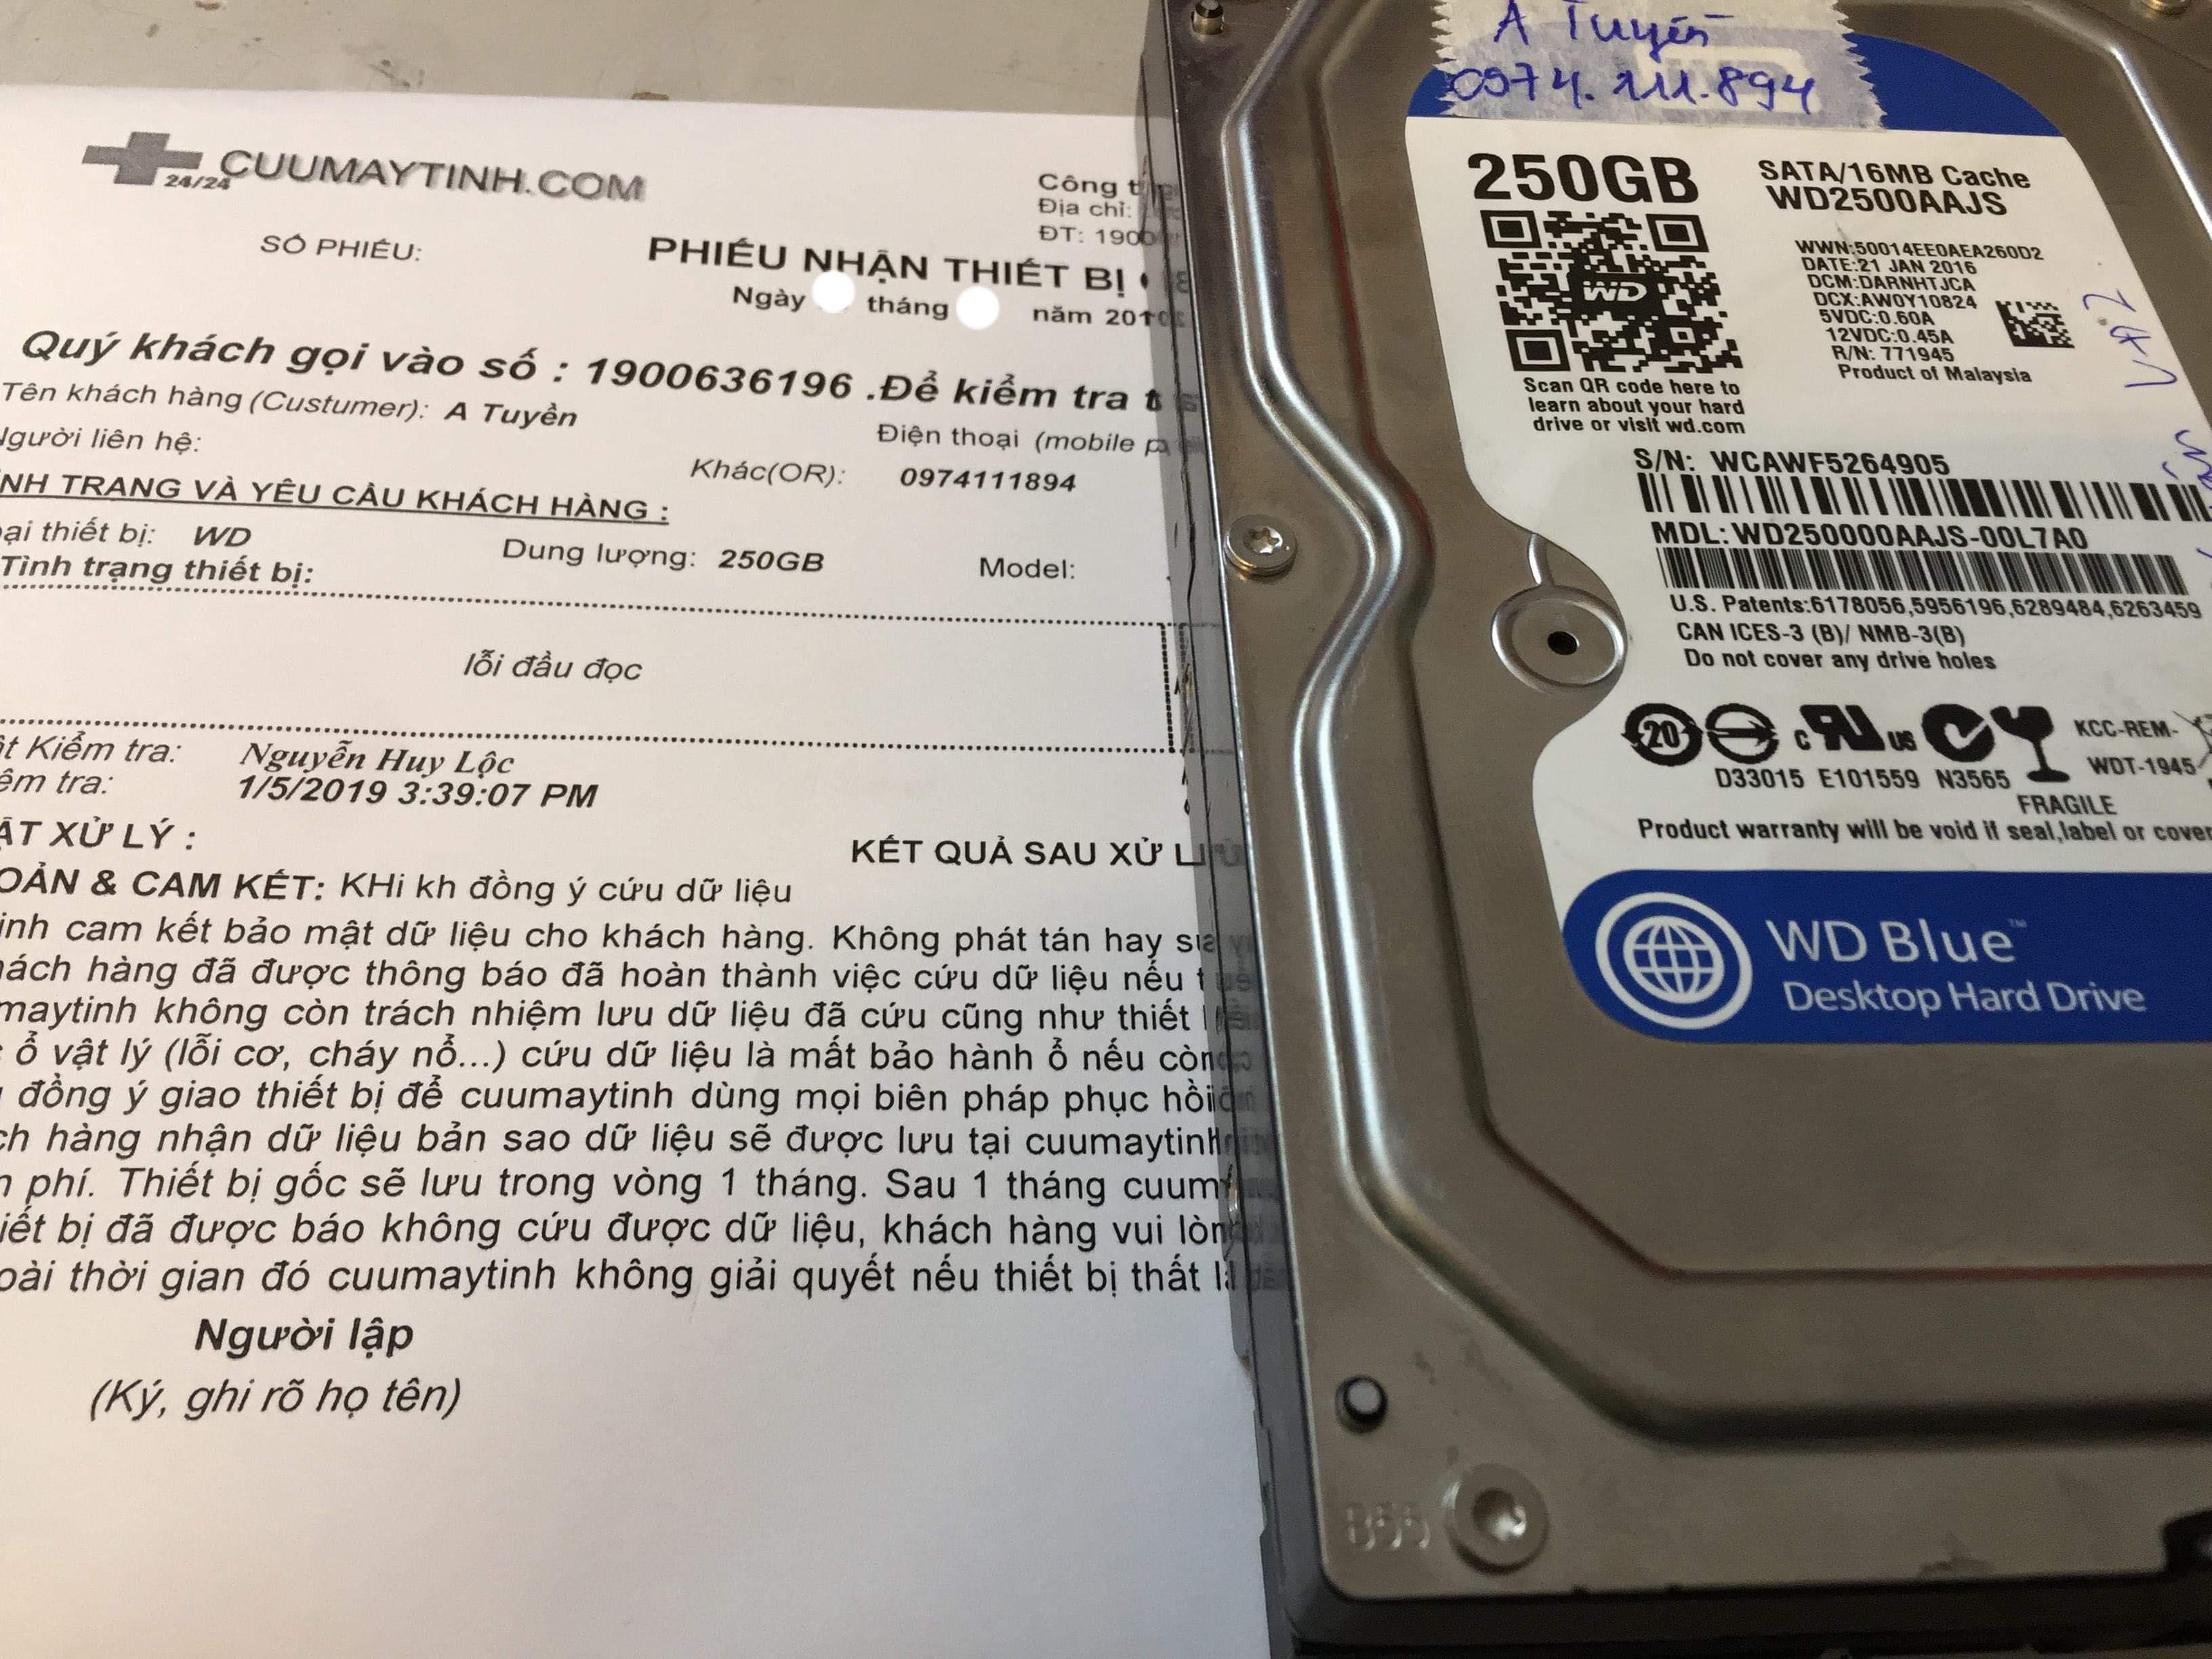 Khôi phục dữ liệu ổ cứng Western 250GB lỗi đầu đọc 11/02/2019 - cuumaytinh